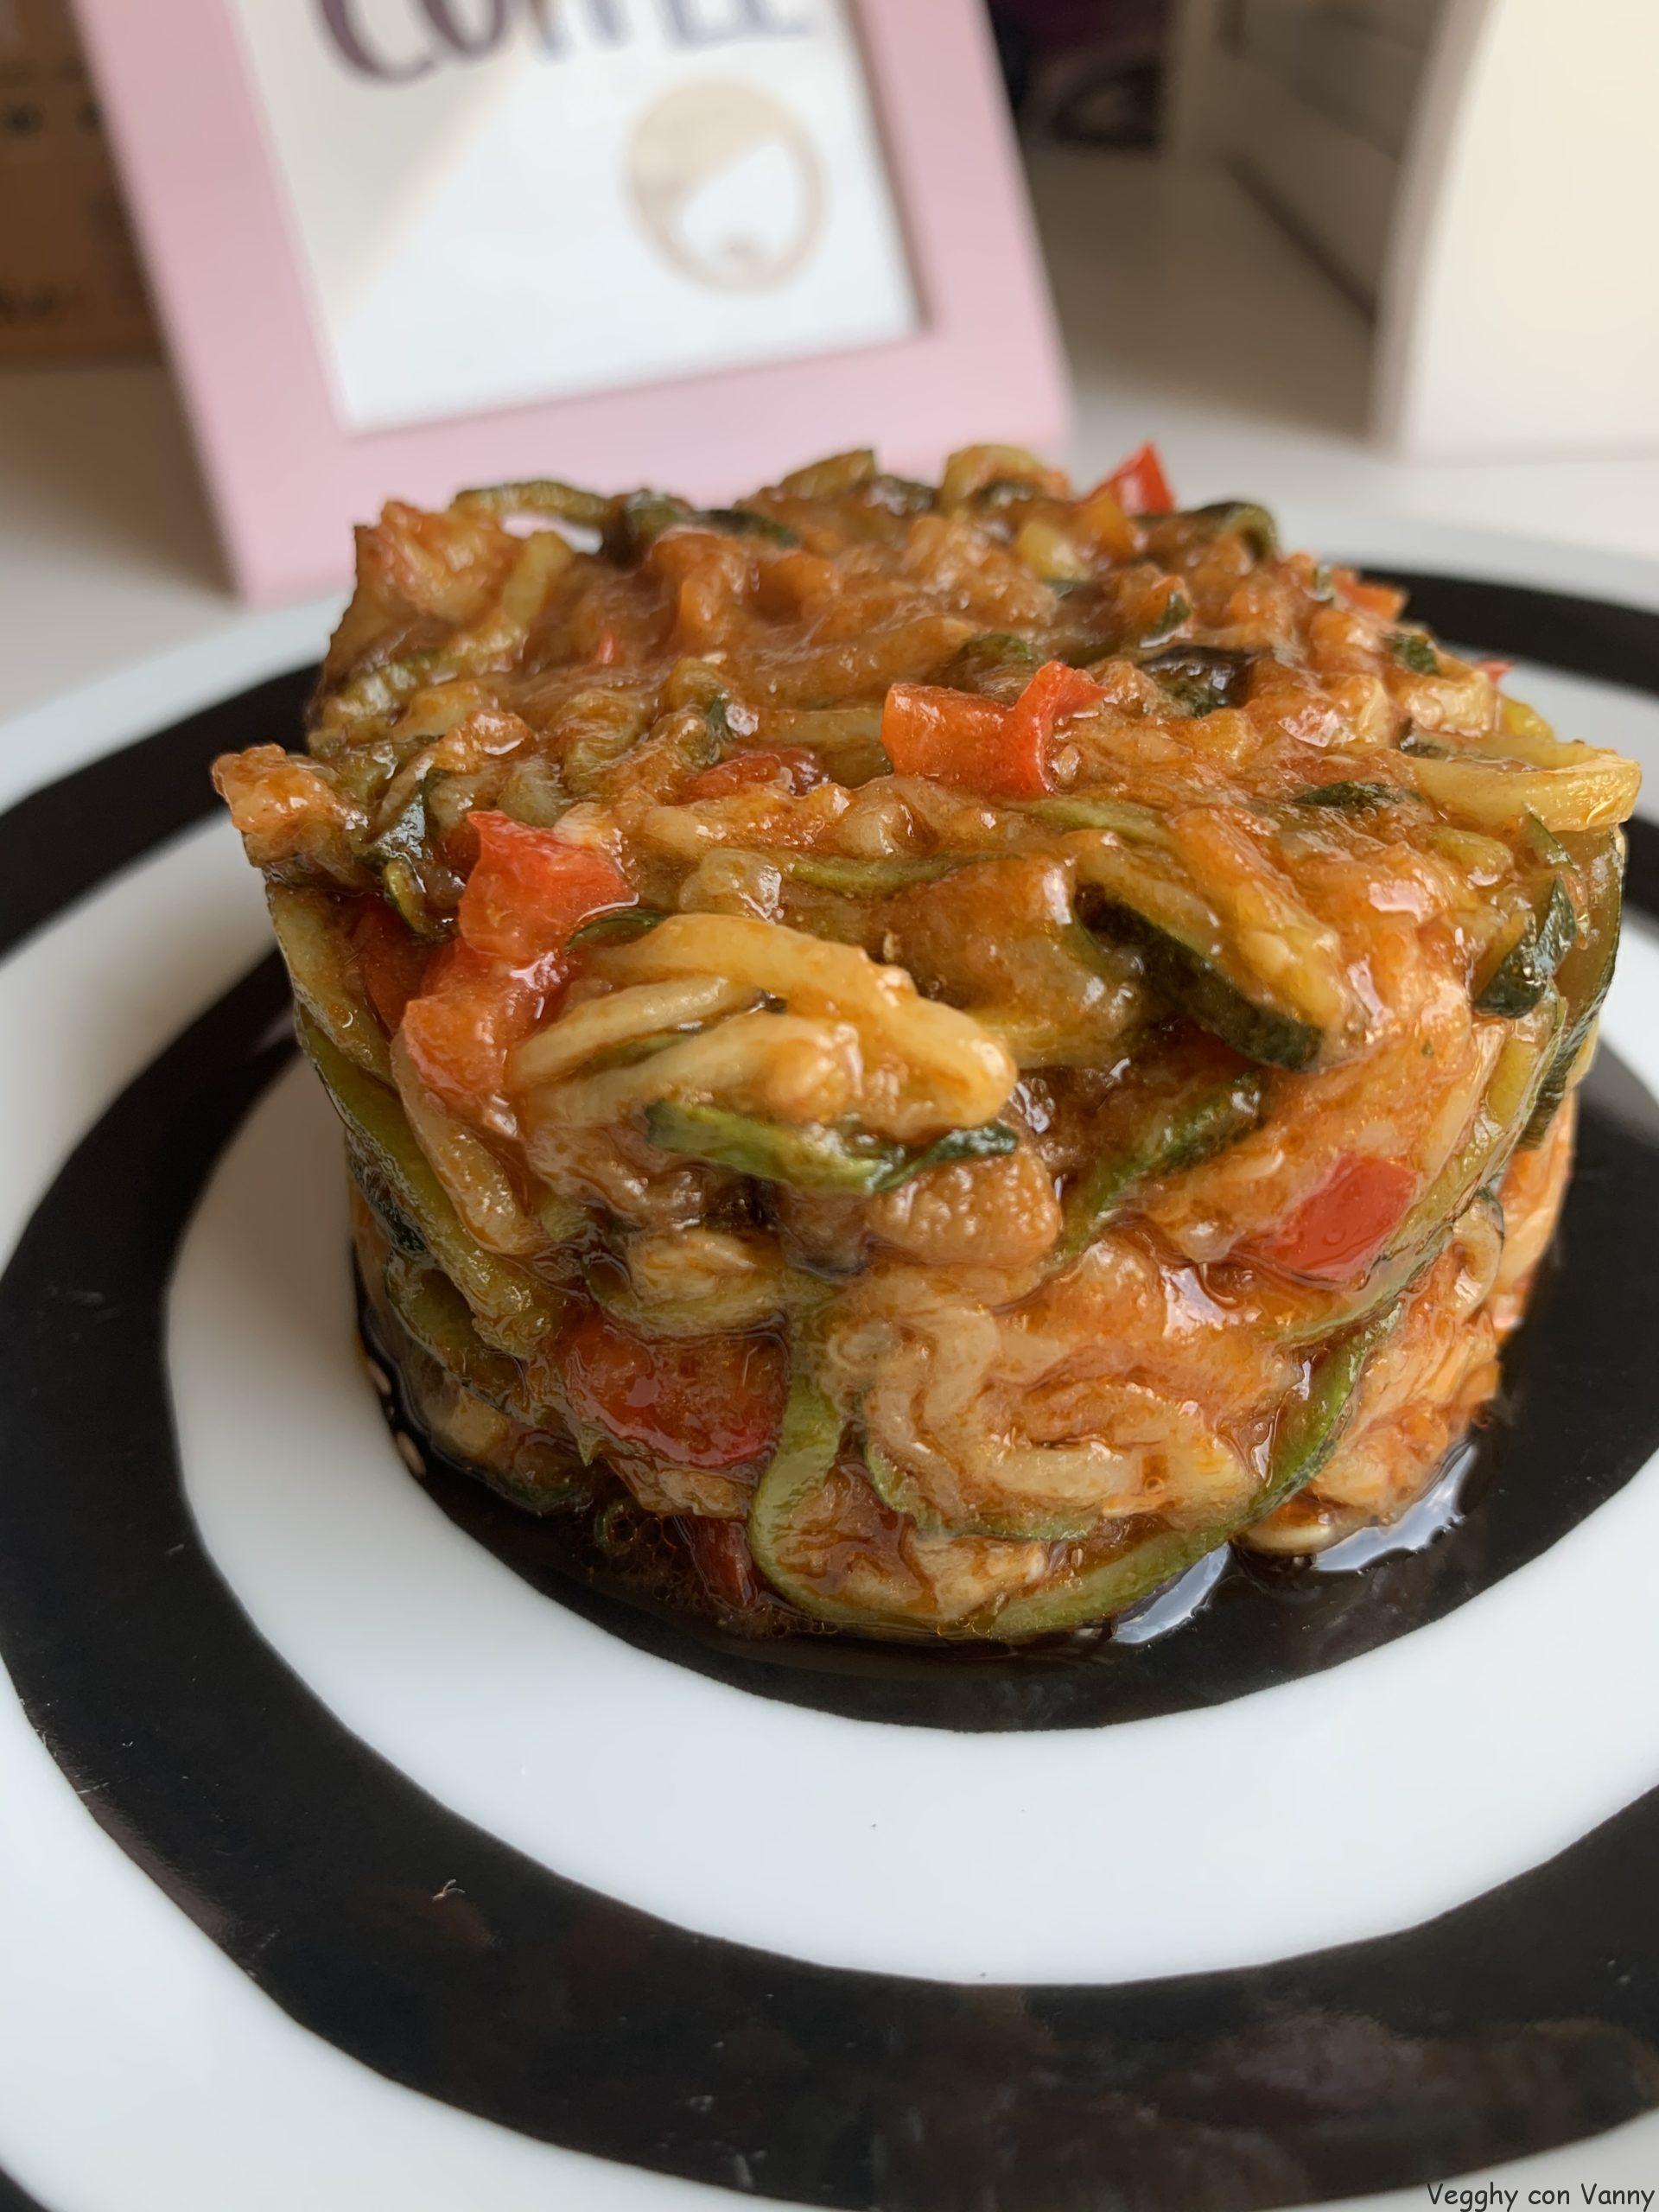 Spaghetti di zucchine con sugo ai peperoni, melanzane e fiori di zucchina